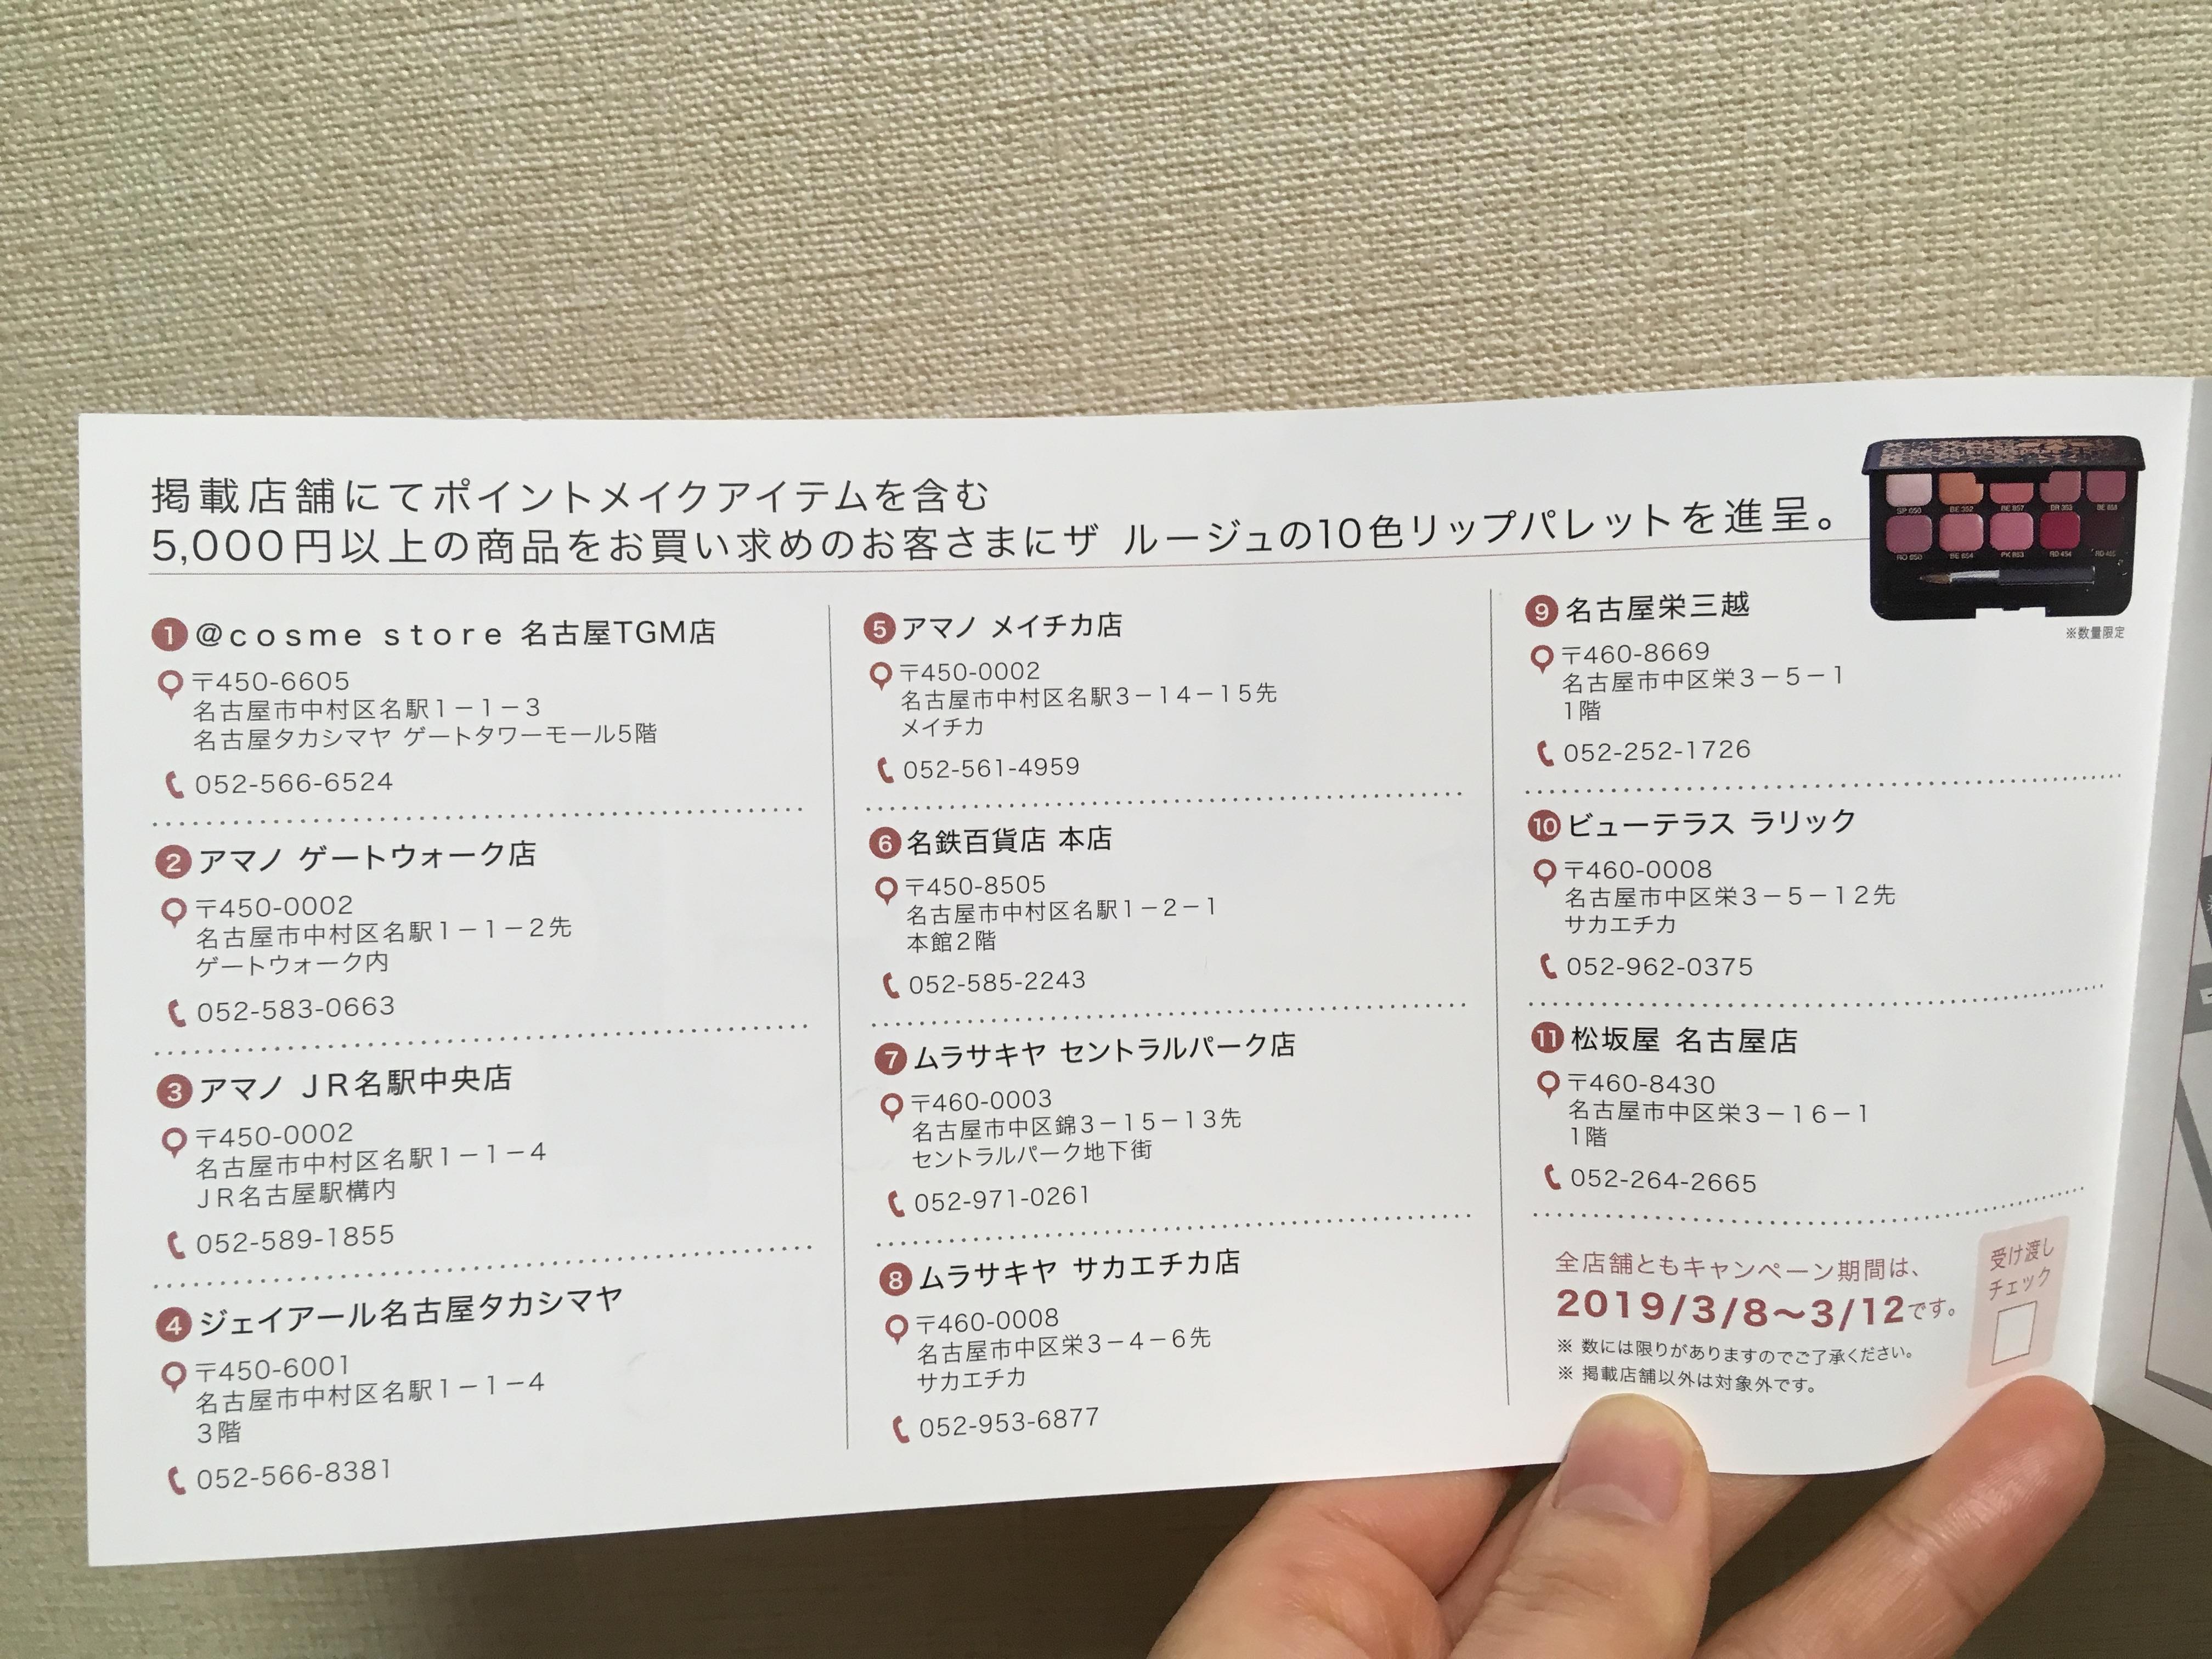 コーセービューティーフェスタ 2019 名古屋 コスメデコルテ リップパレット プレゼント